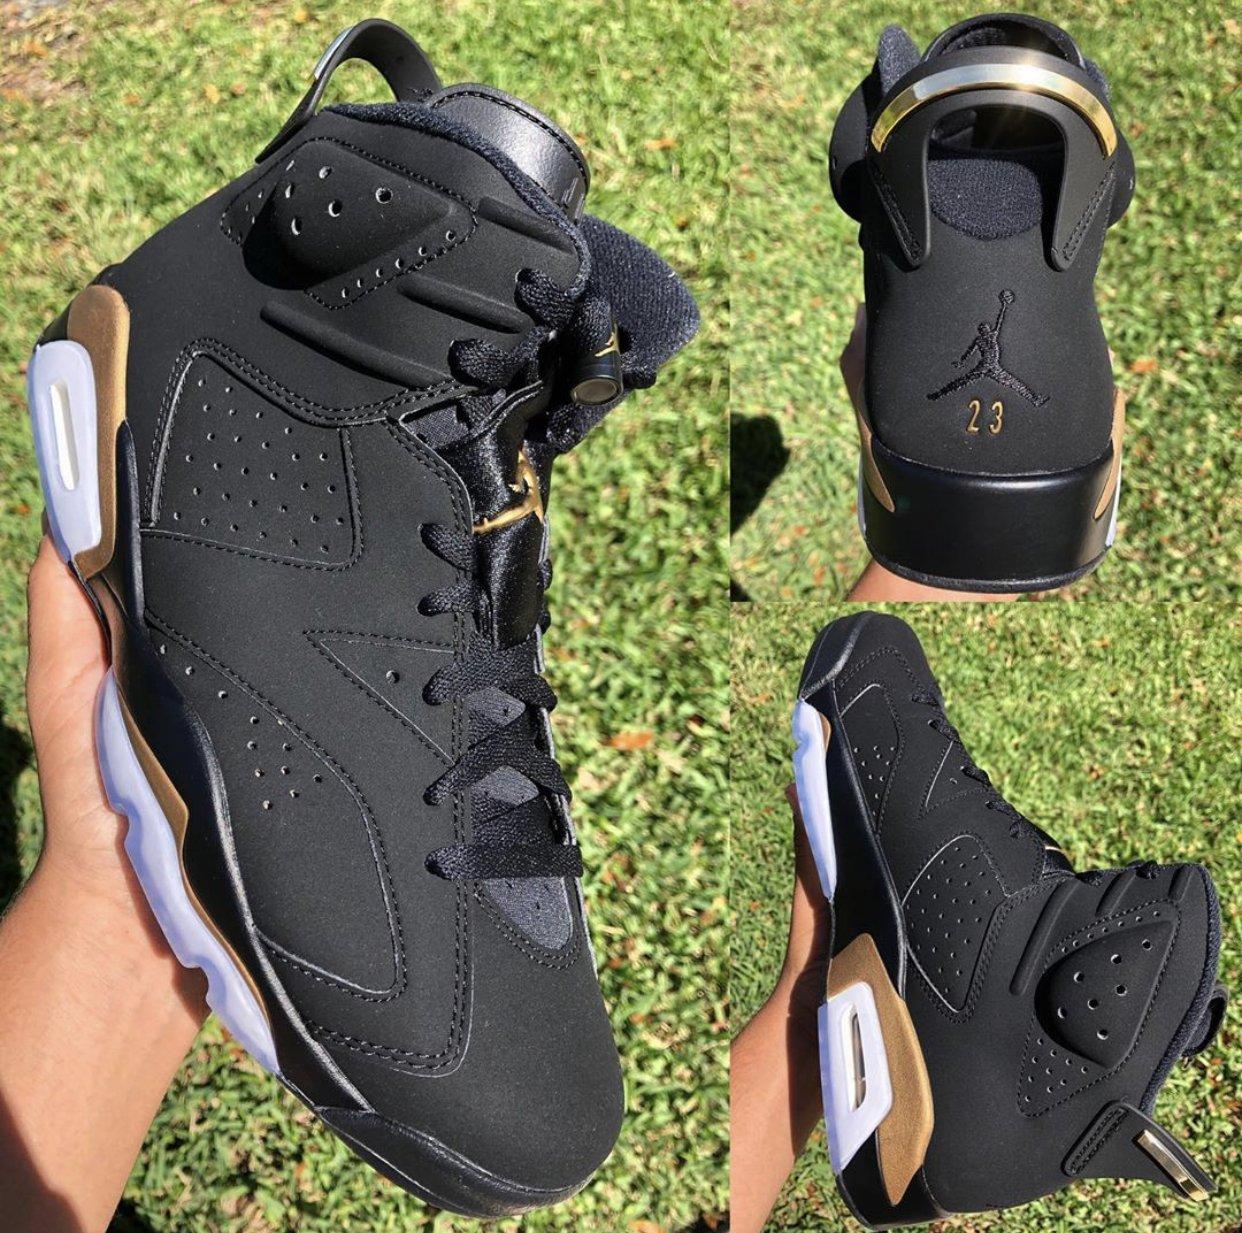 NEW Price Alert Air Jordan Releases